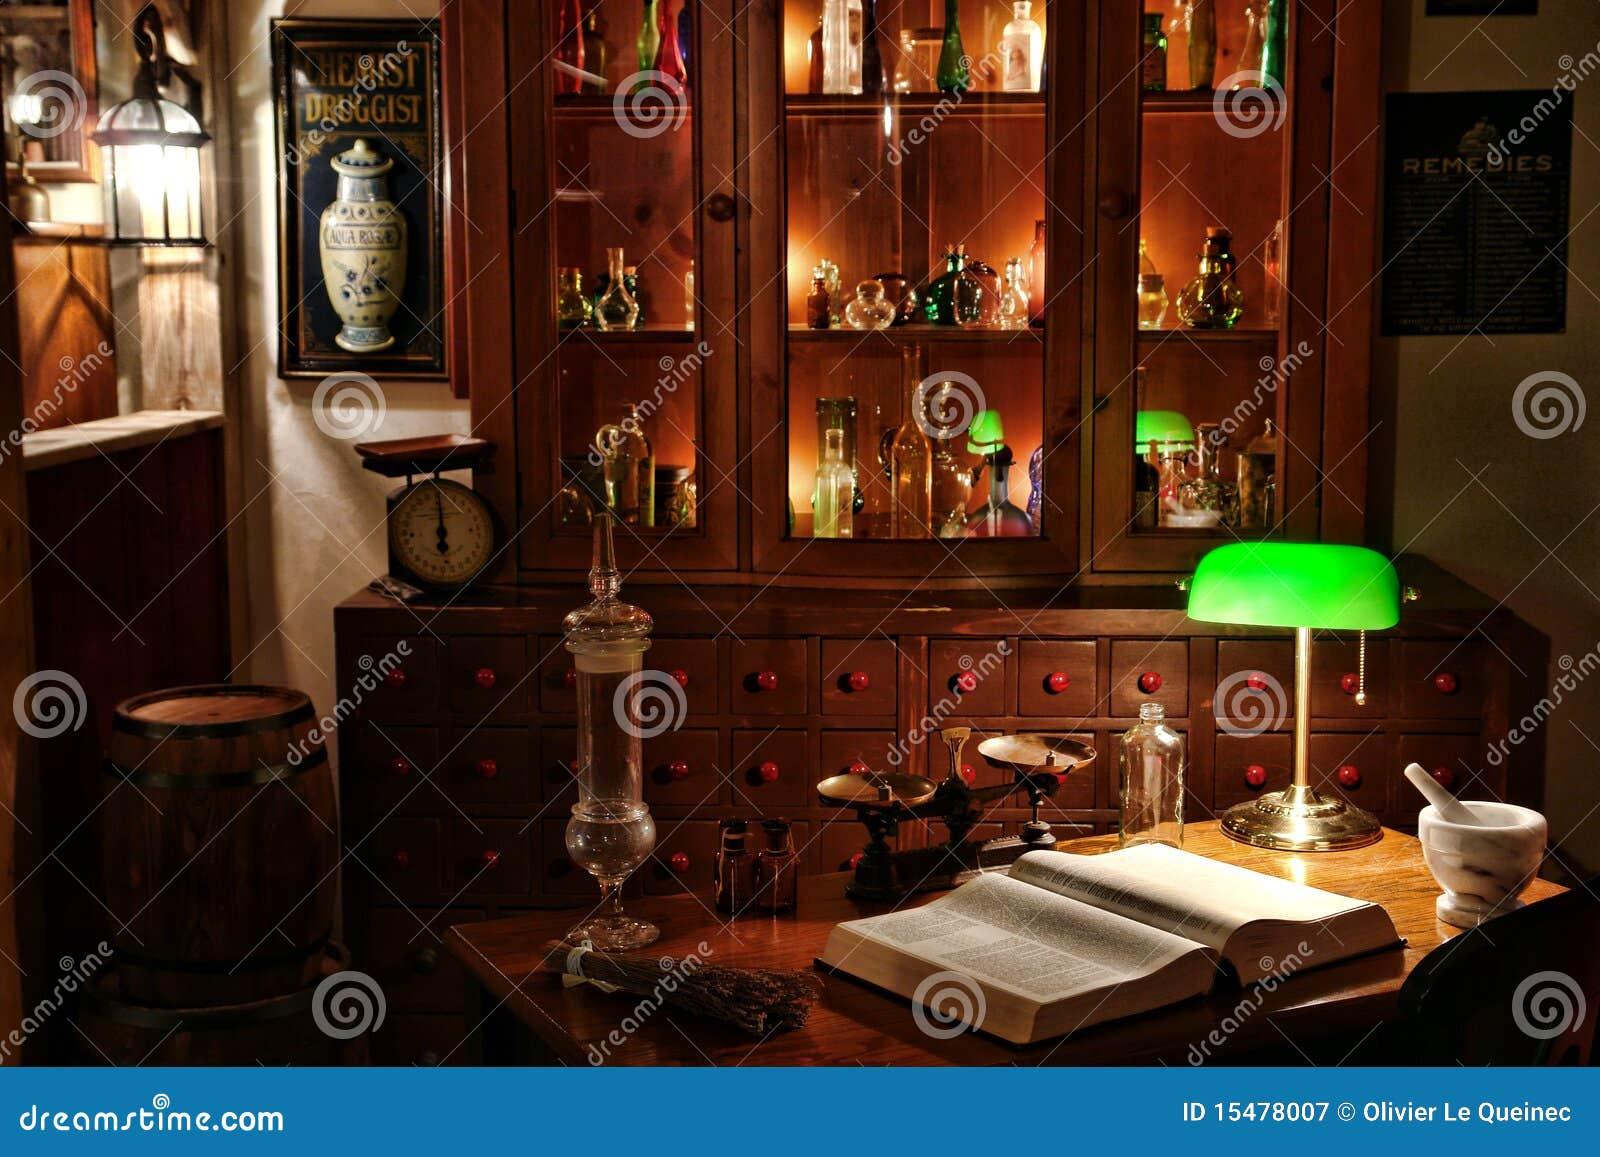 Vintage Chemist Desk in Antique Apothecary Shop